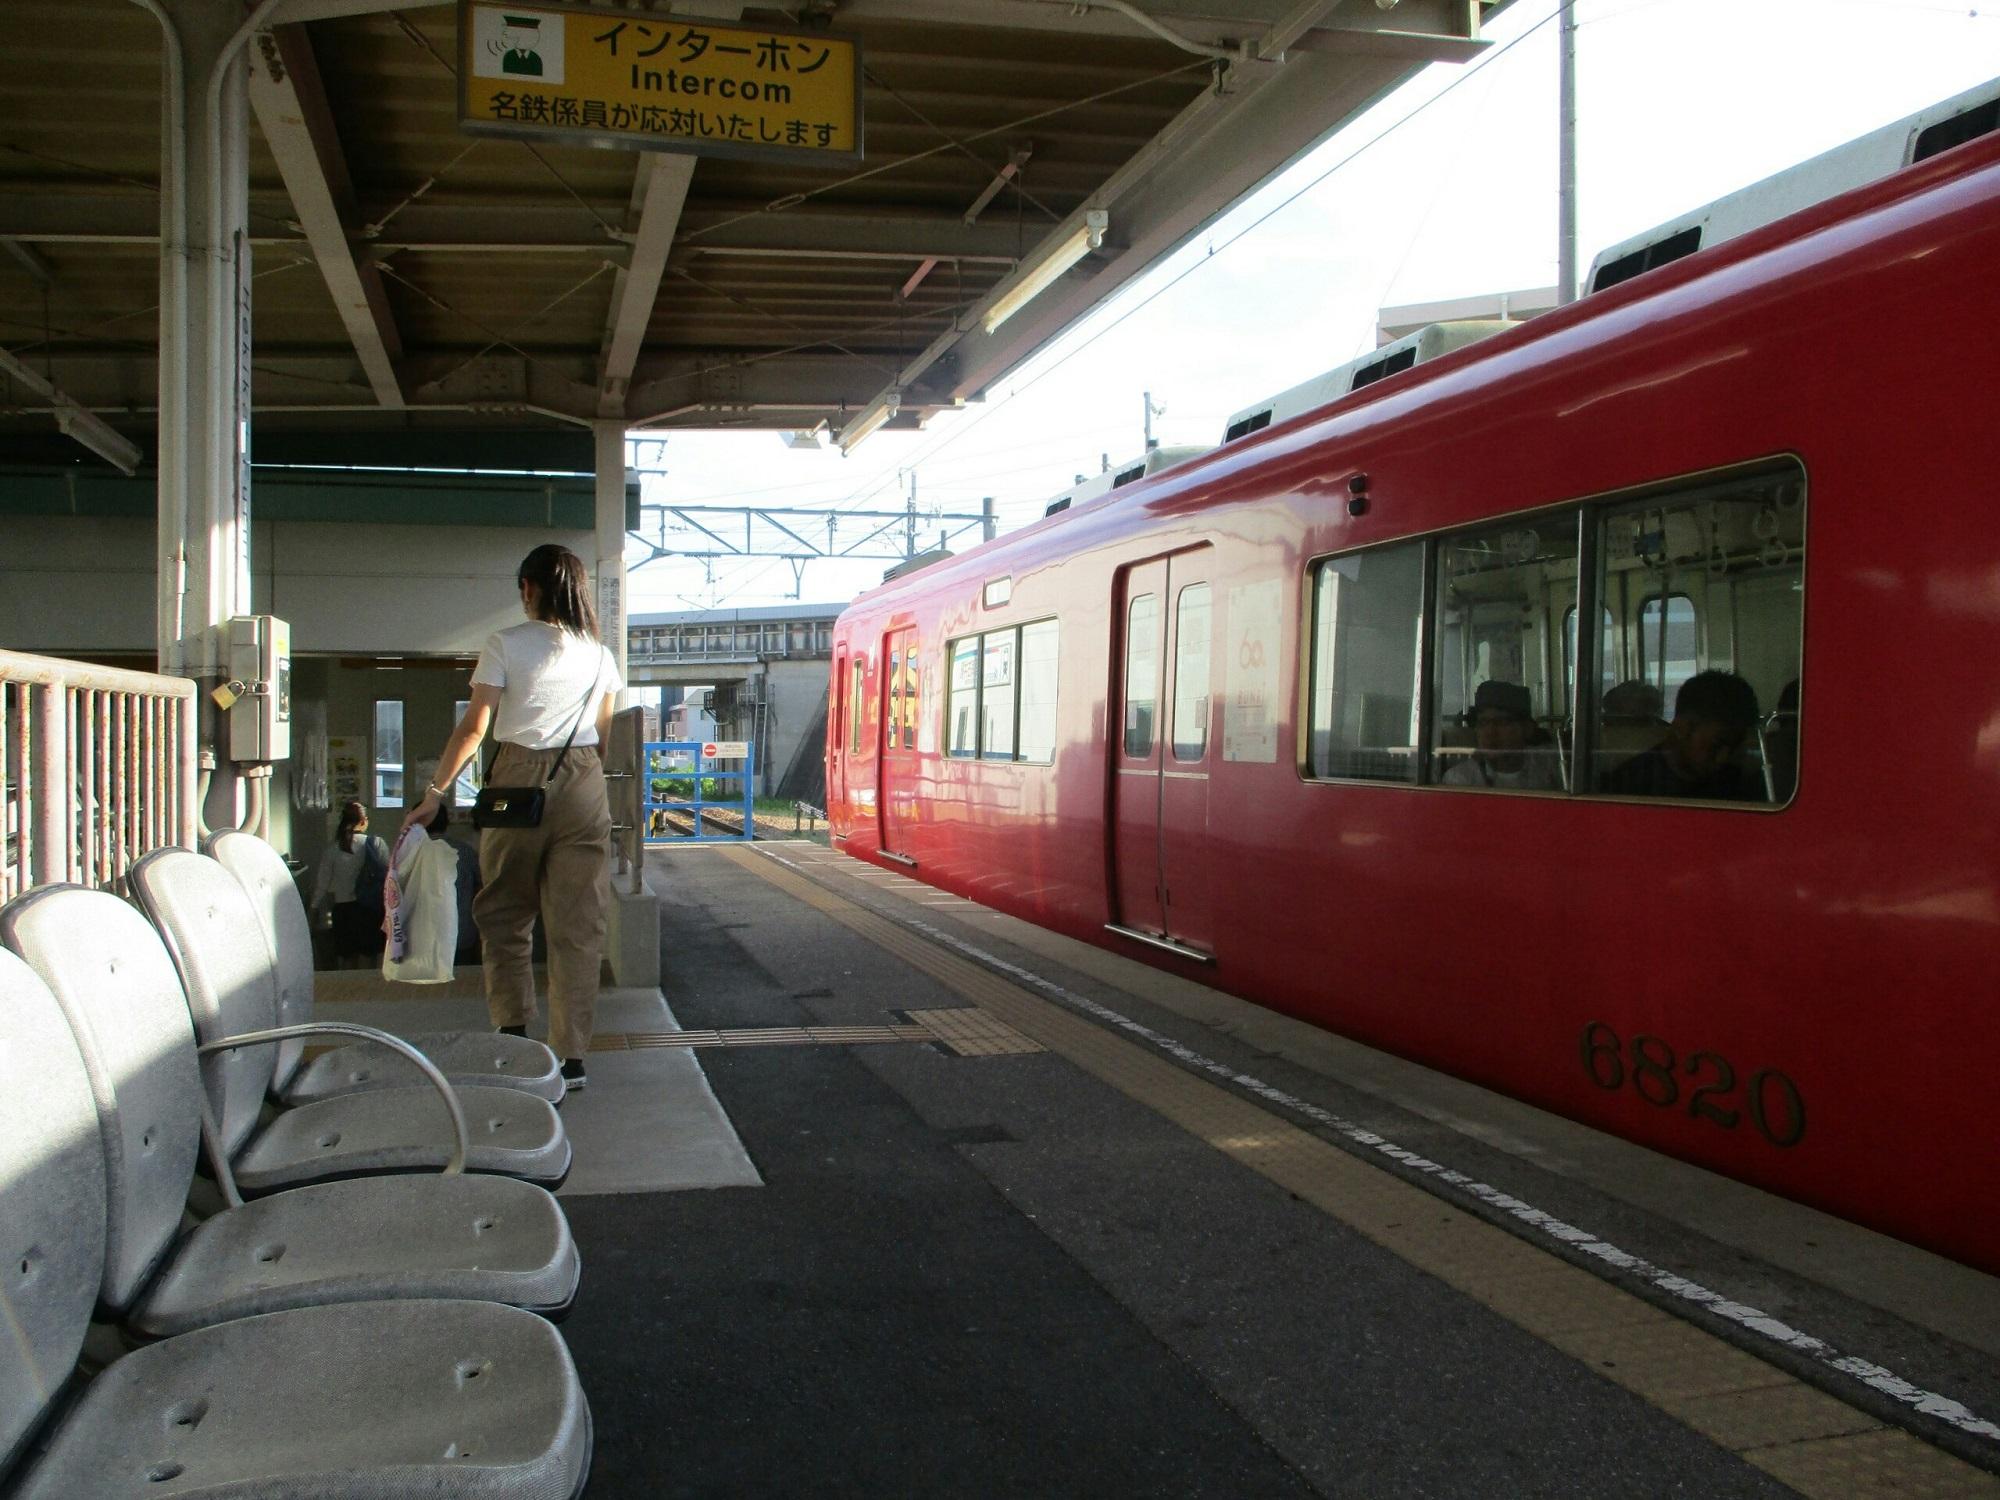 2018.7.22 (23) 古井 - 西尾いきふつう 2000-1500